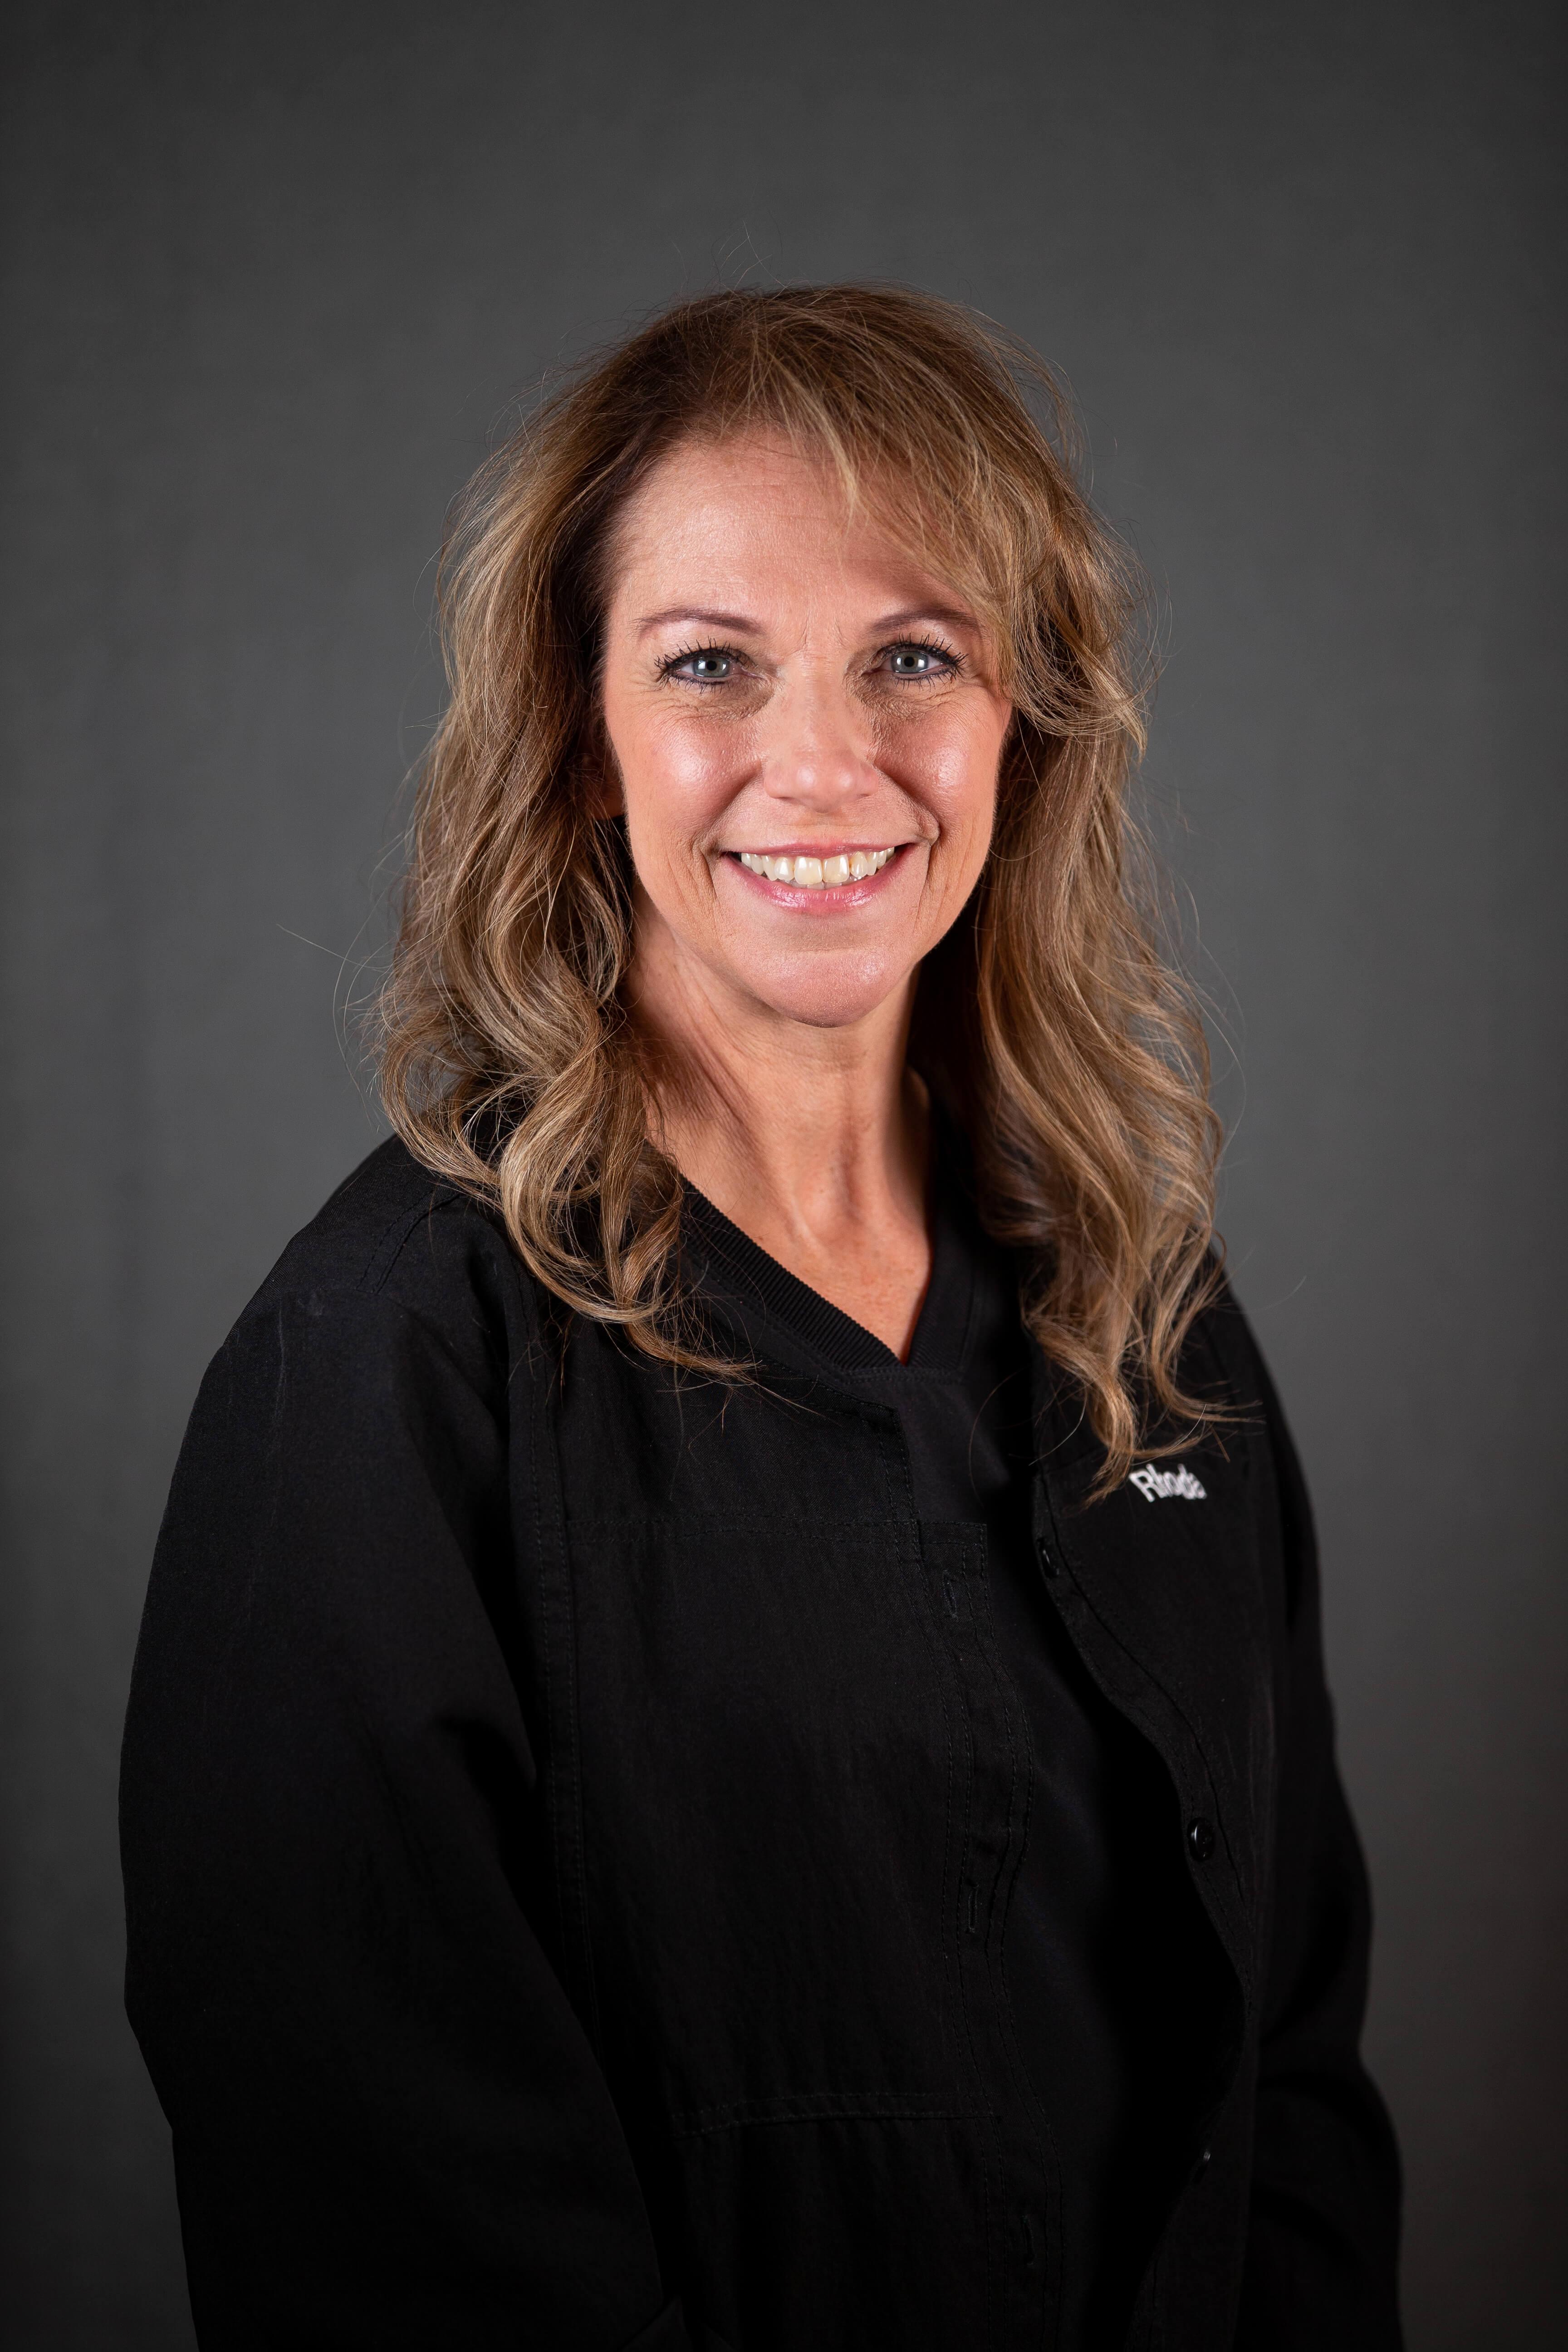 Rhonda at Solterra Dentistry Headshot